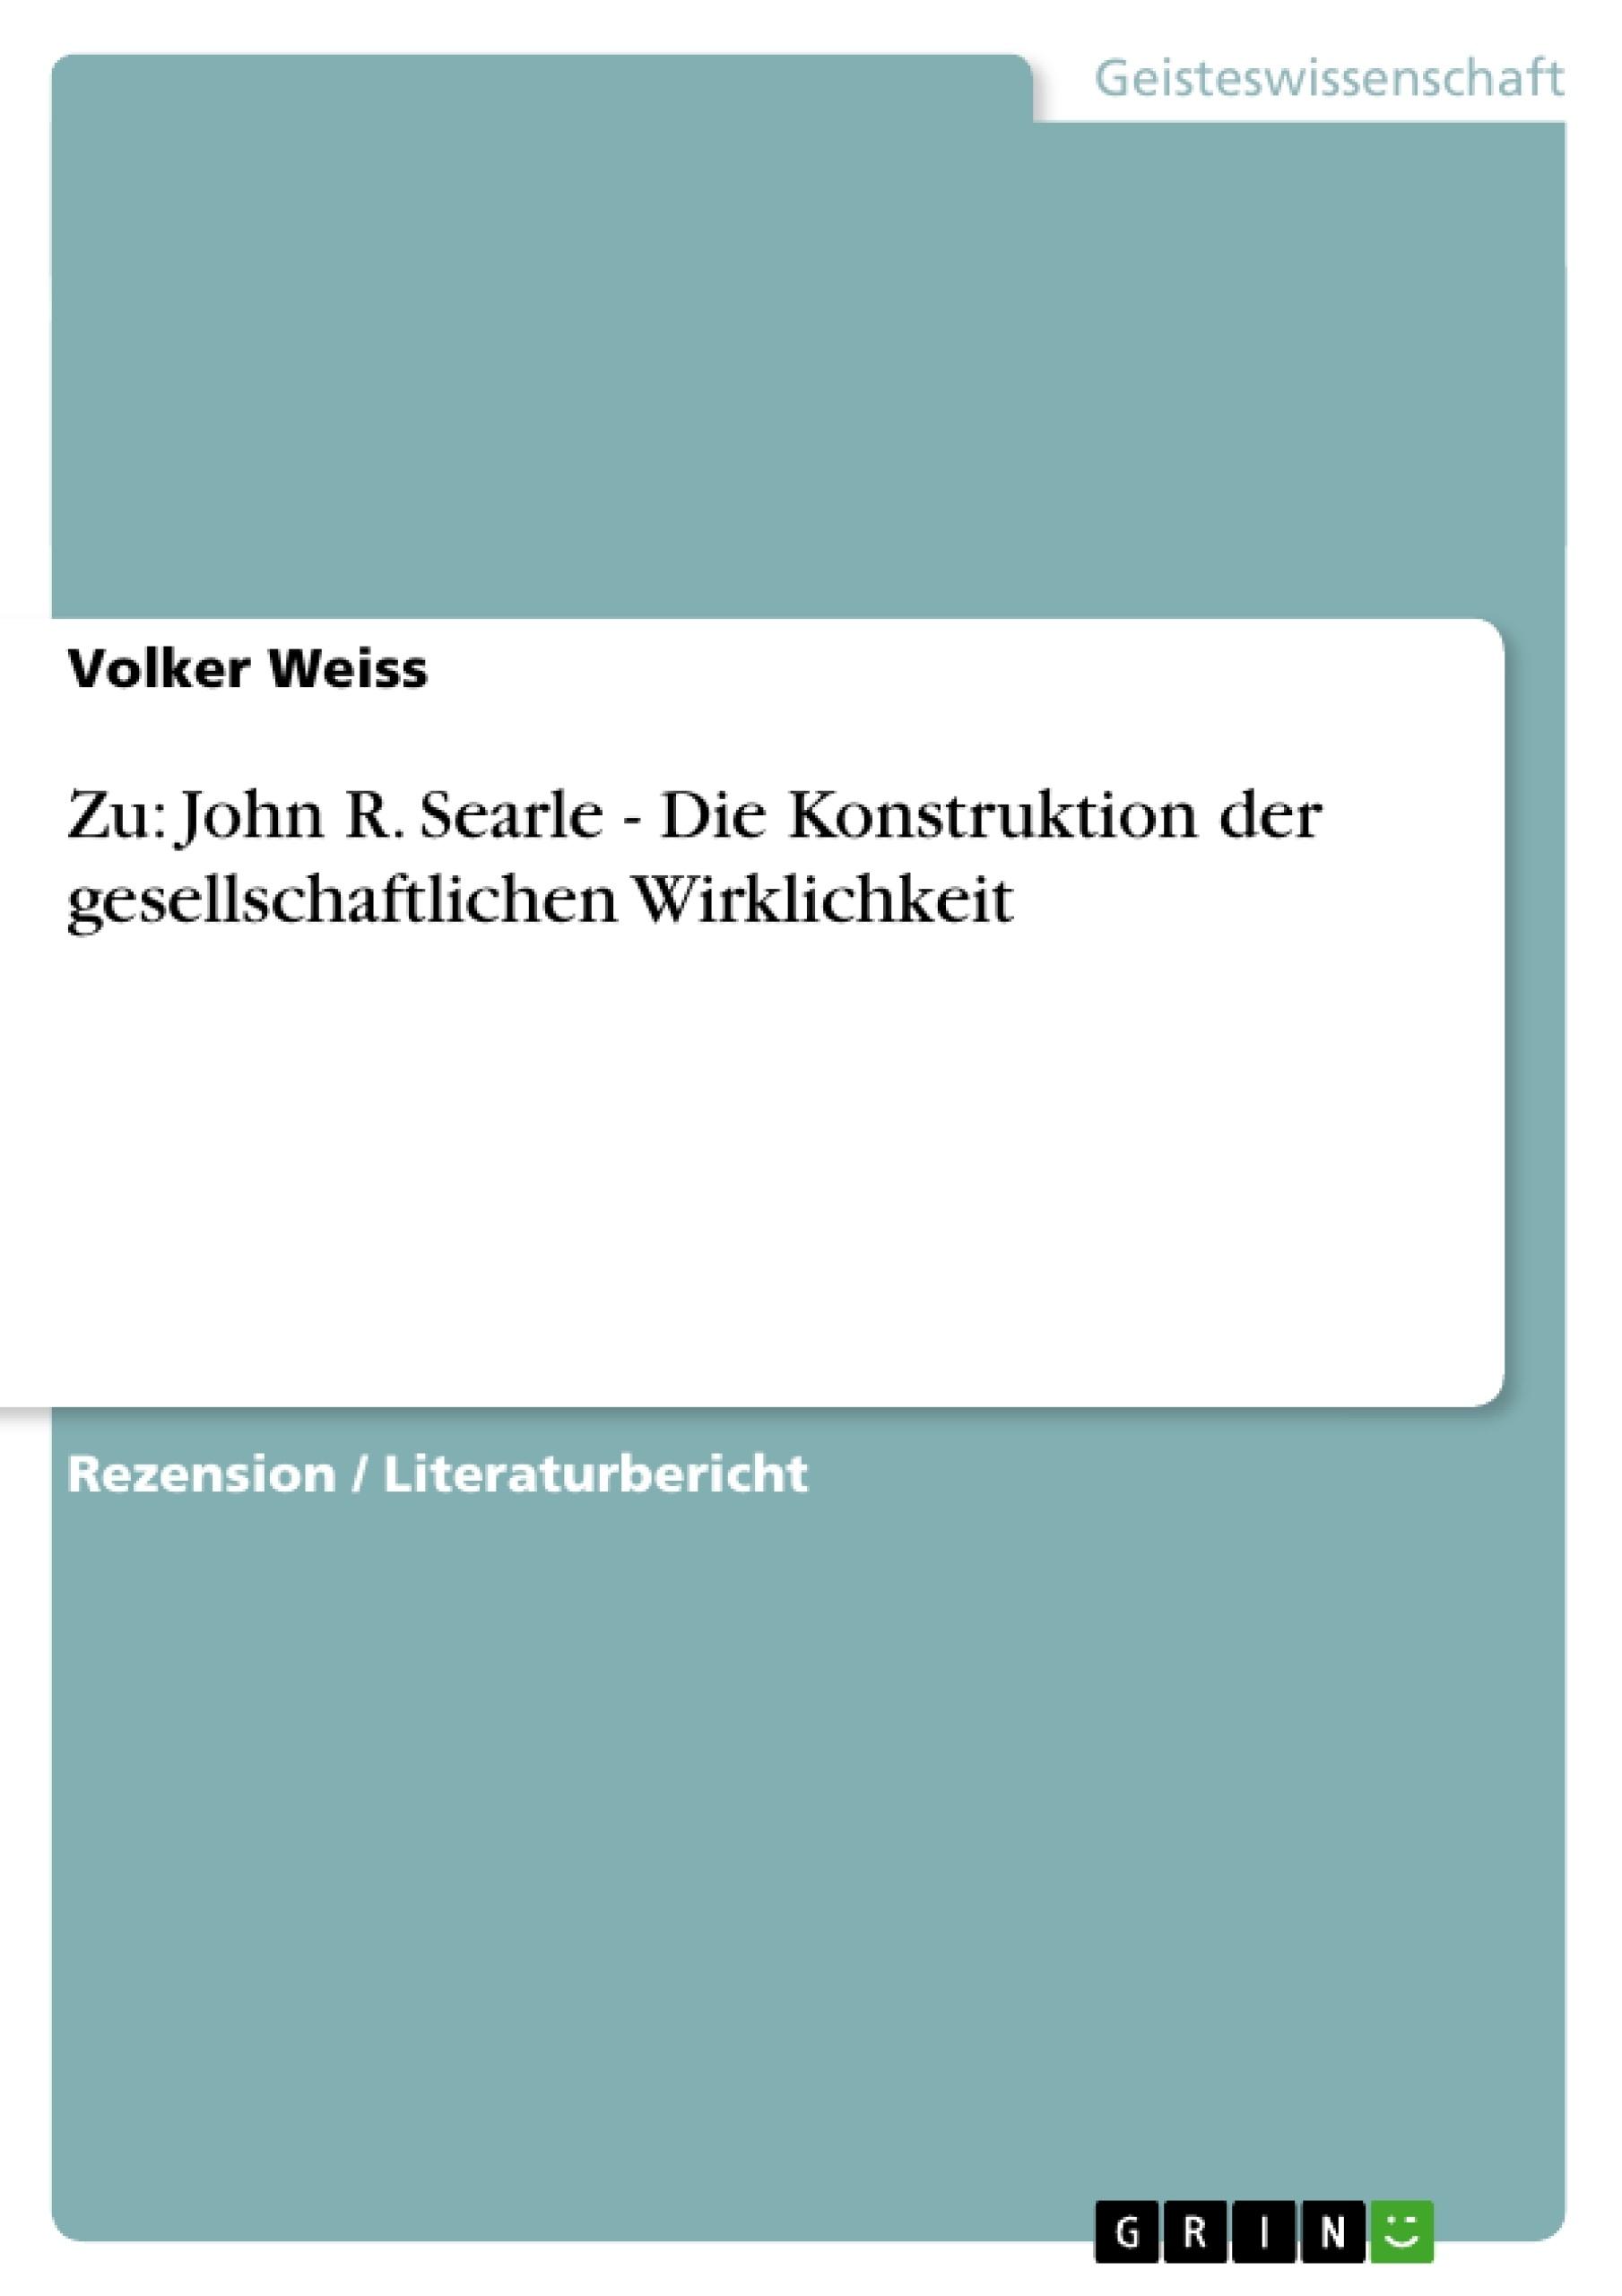 Titel: Zu: John R. Searle - Die Konstruktion der gesellschaftlichen Wirklichkeit